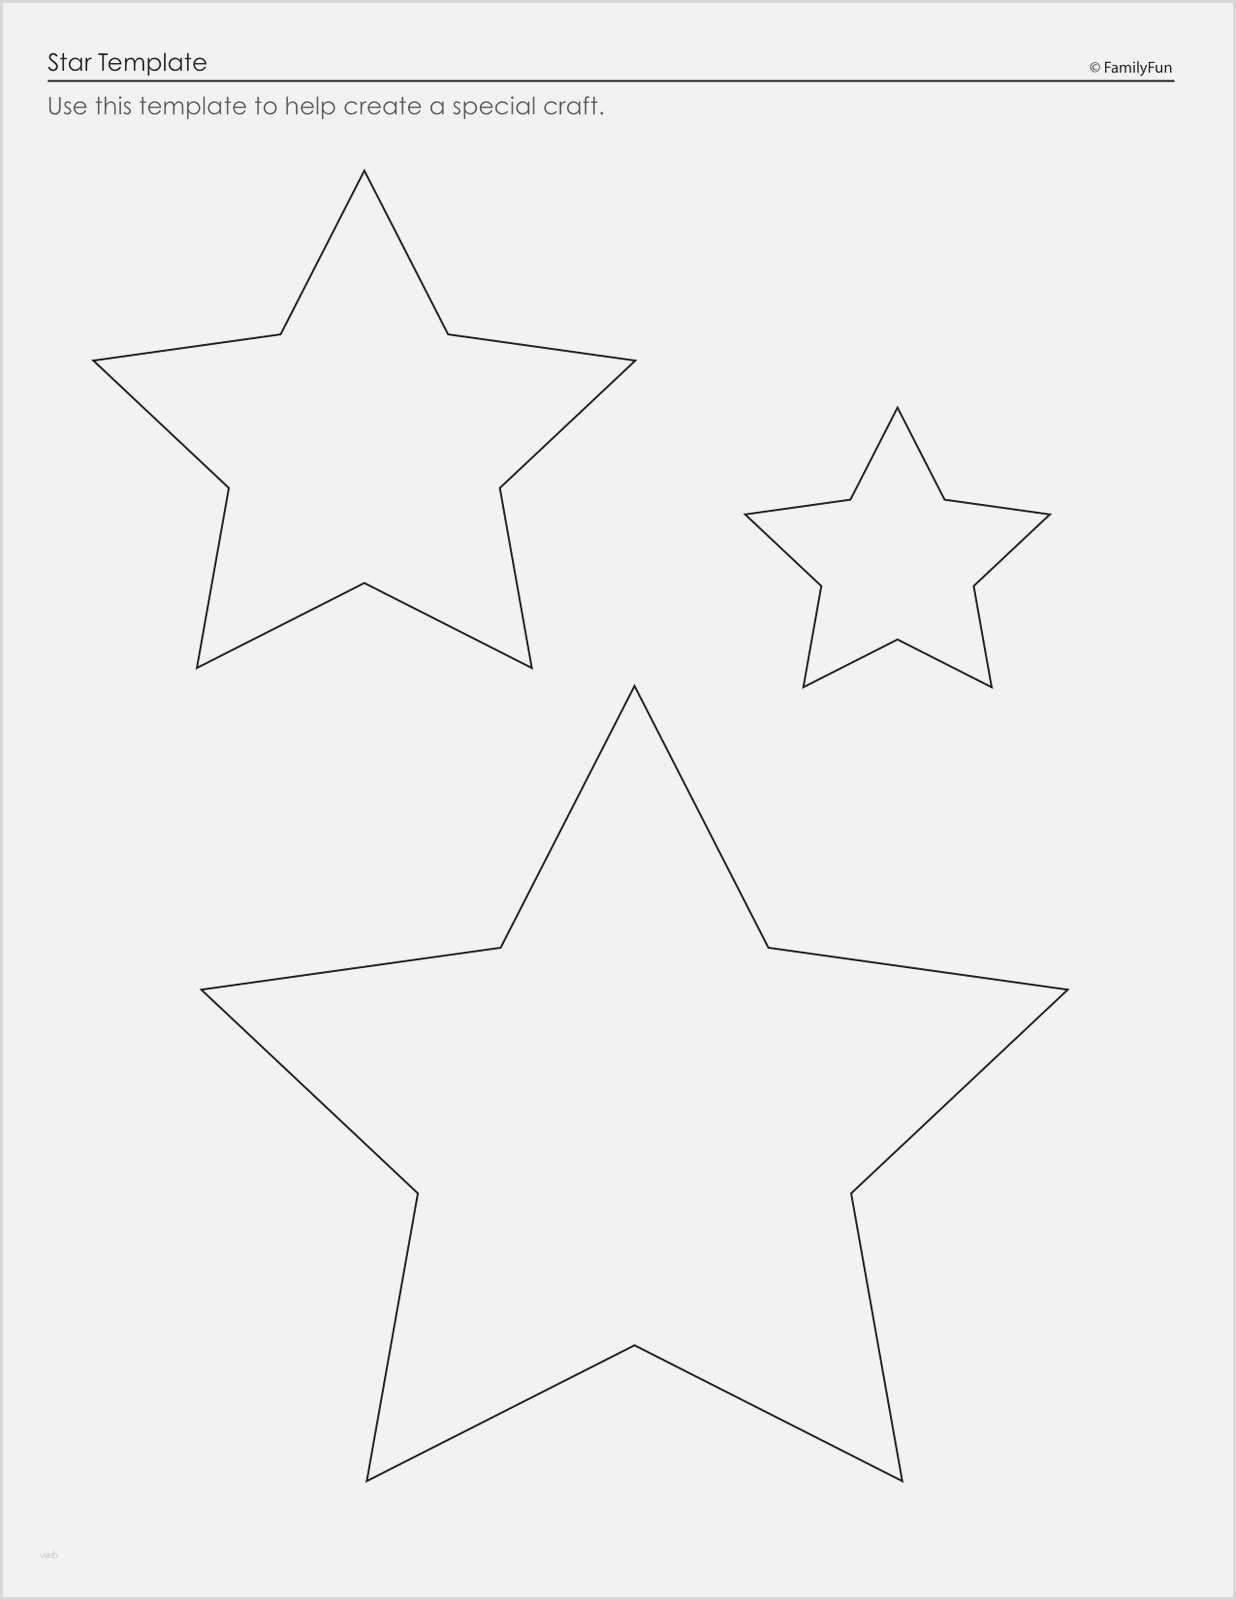 bastelvorlage igel zum ausdrucken best eine sammlung von farbung bilder ausmalbilder stern of bastelvorlage igel zum ausdrucken